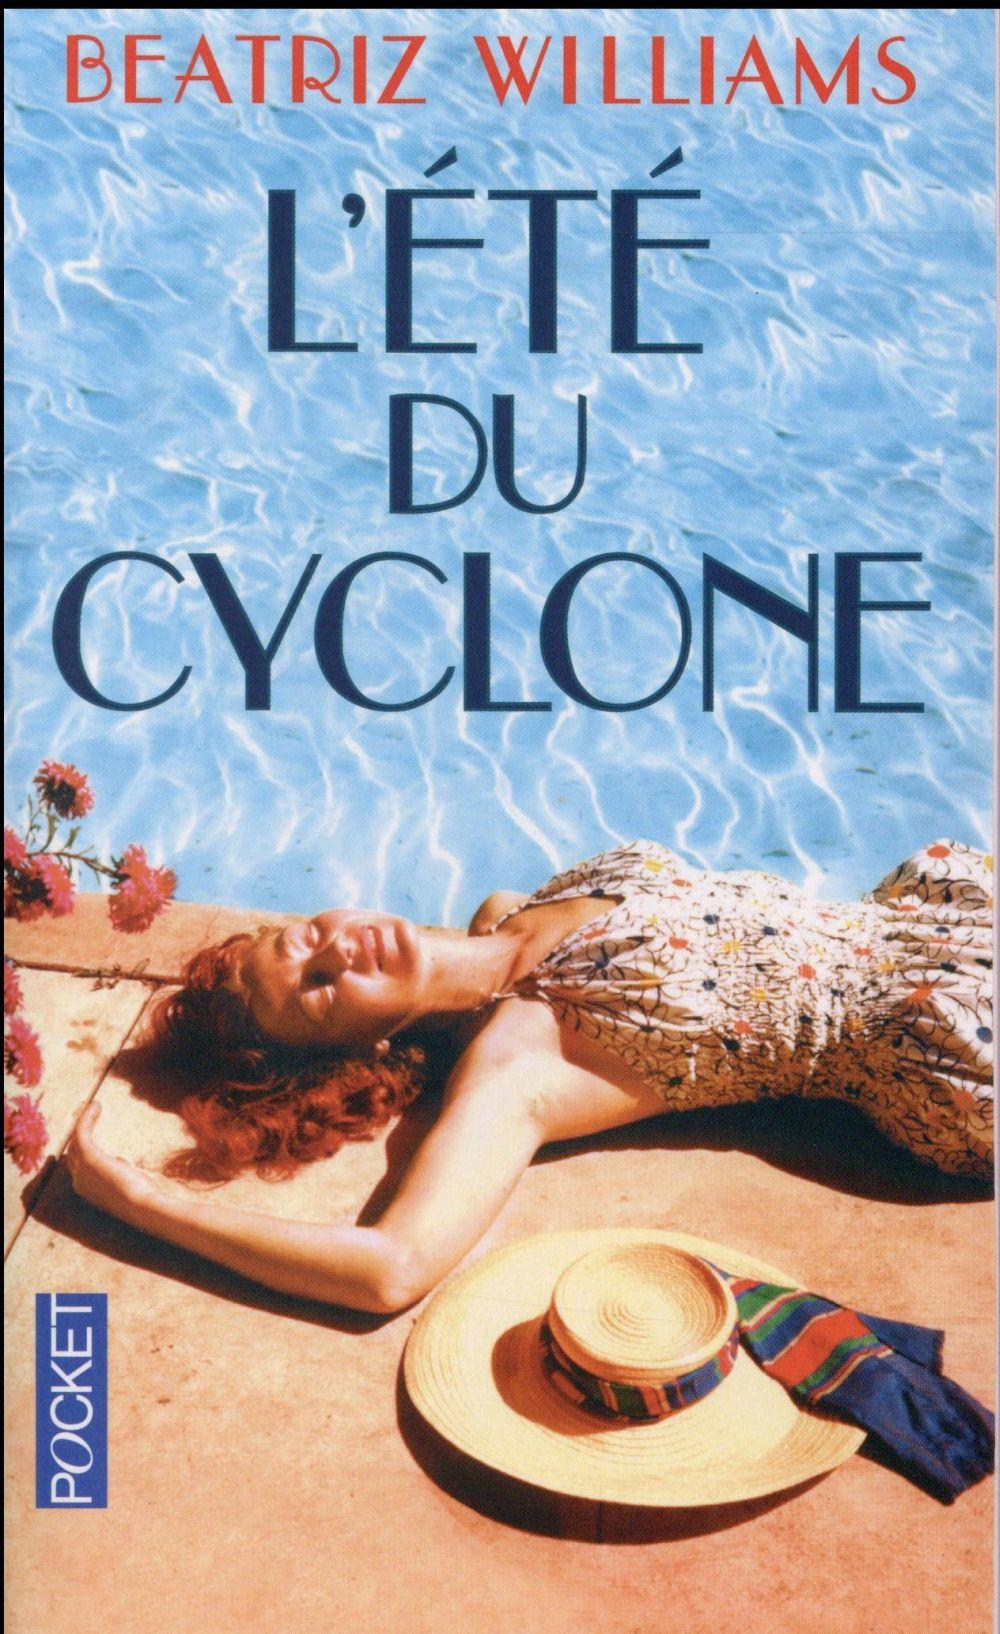 L'ETE DU CYCLONE